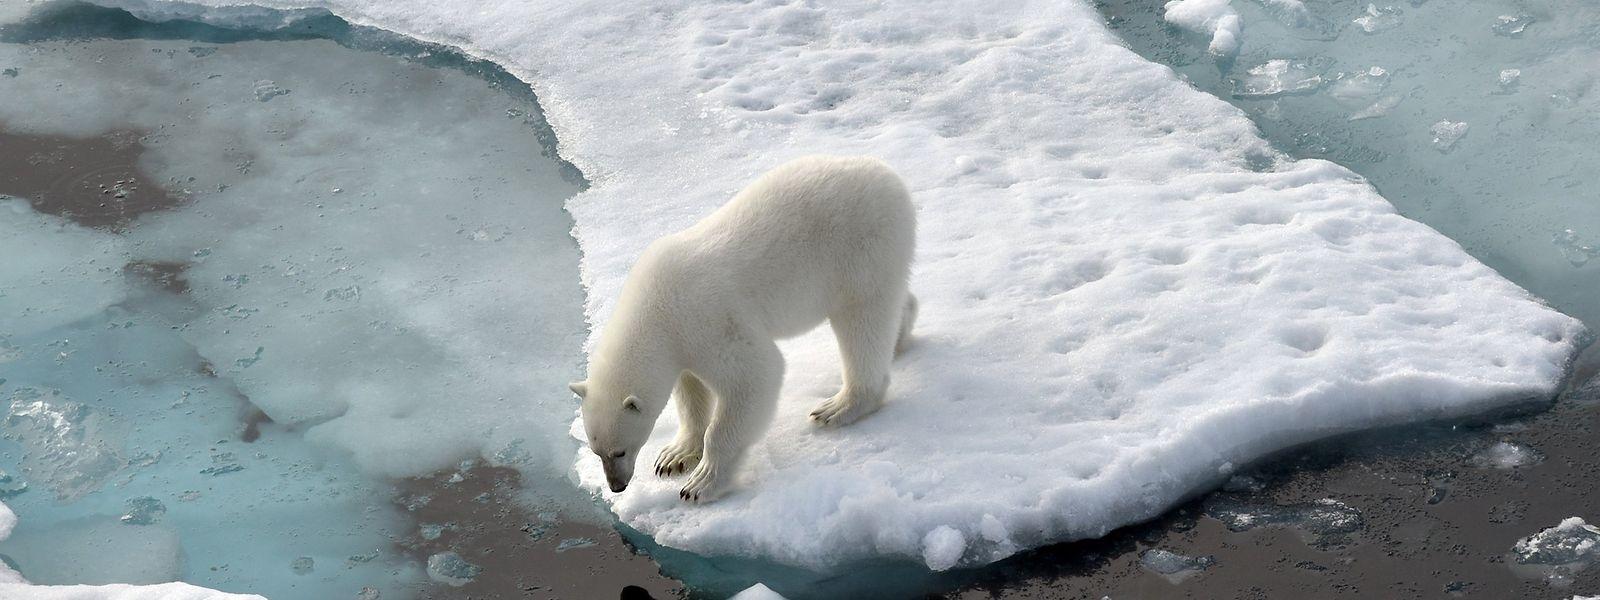 Durch die durch Treibhausgase verursachte Erderwärmung drohen katastrophale Folgen.